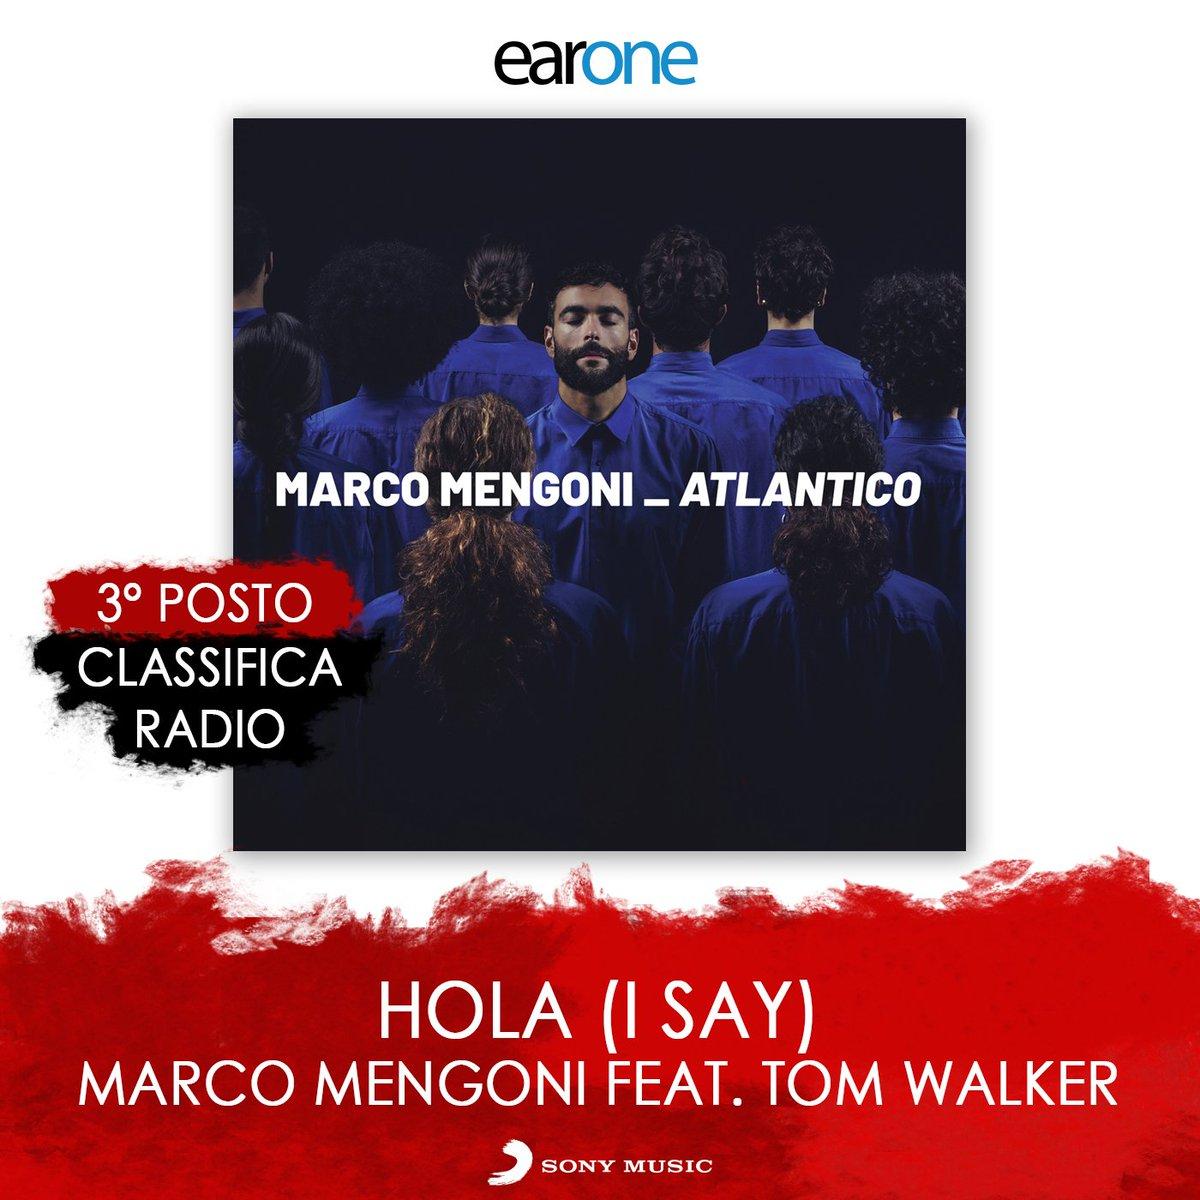 .@mengonimarco sempre sul podio dei brani più trasmessi dalle radio con #Hola (I Say) feat. @IamTomWalker 📻